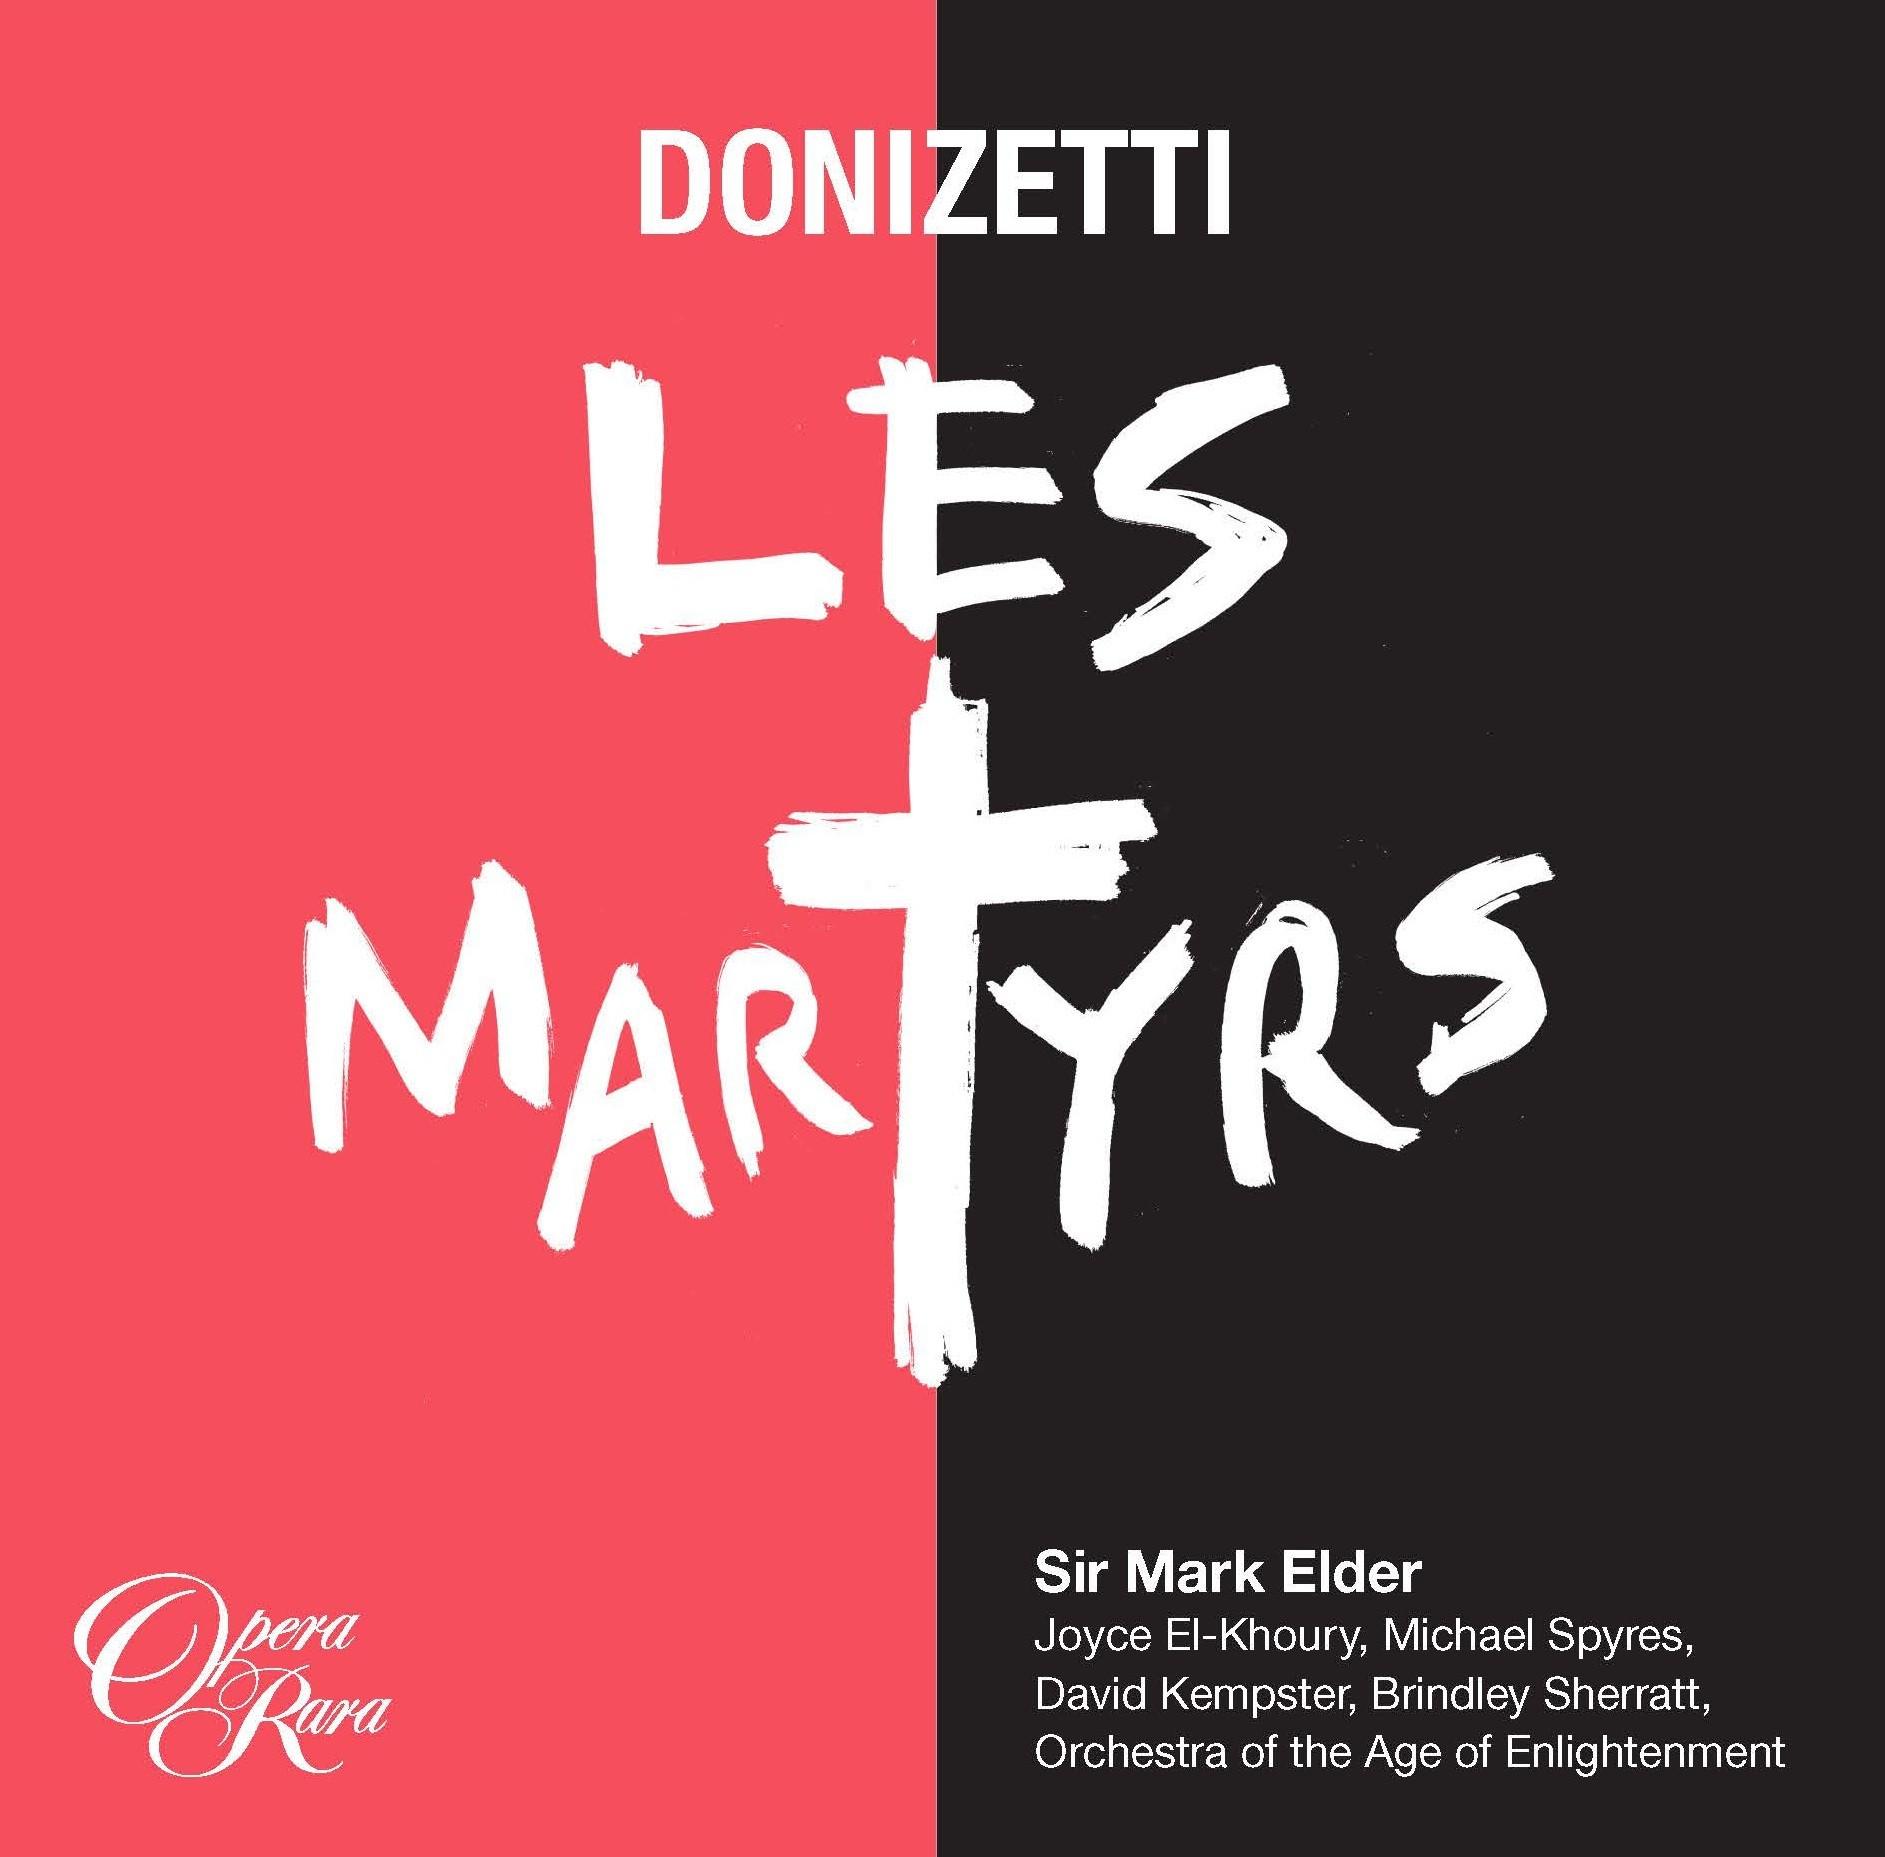 cover donizetti martyrs operarara